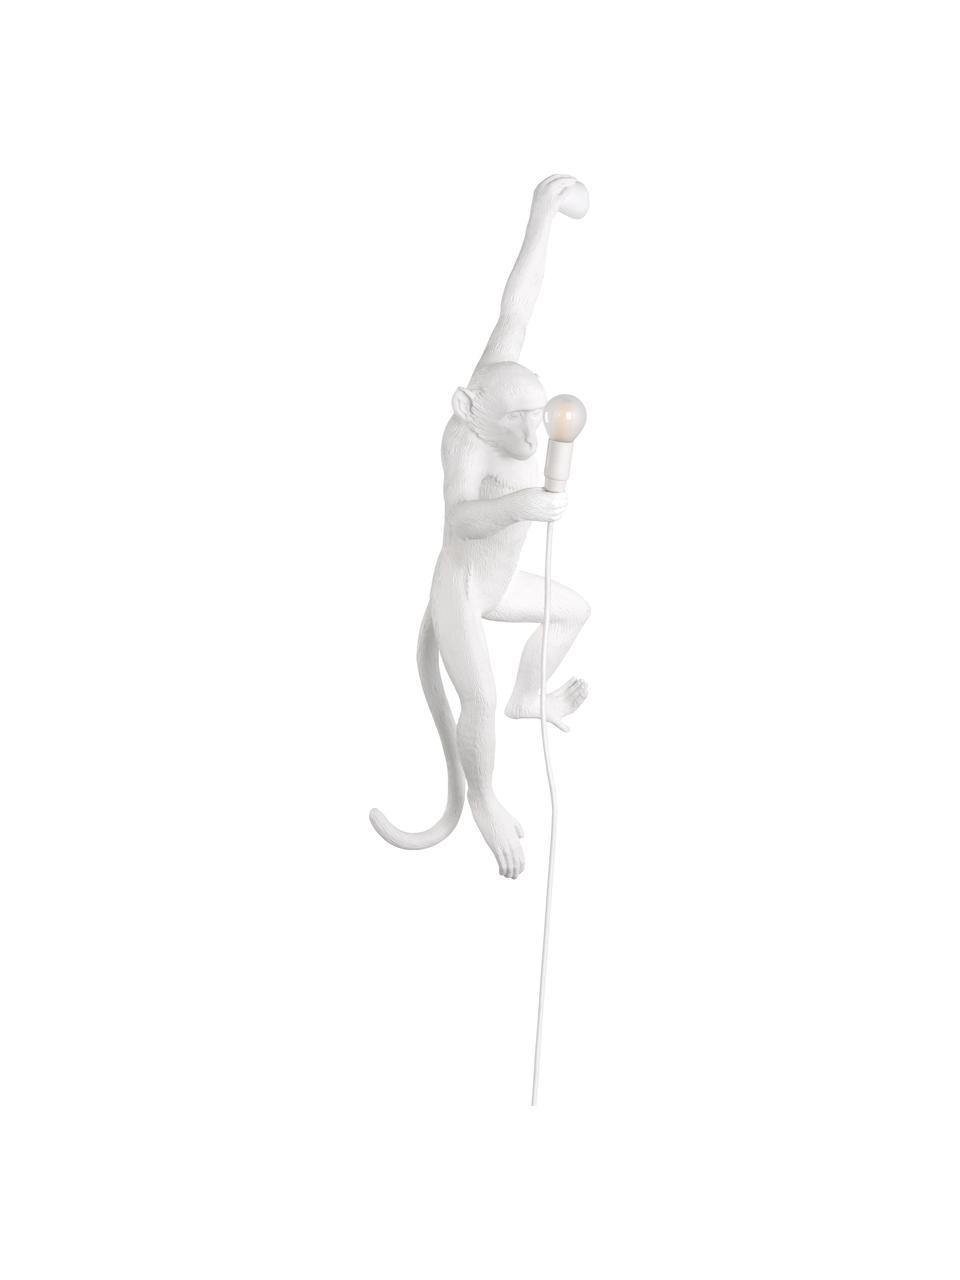 Wandleuchte Monkey mit Stecker, Weiß, 77 x 37 cm